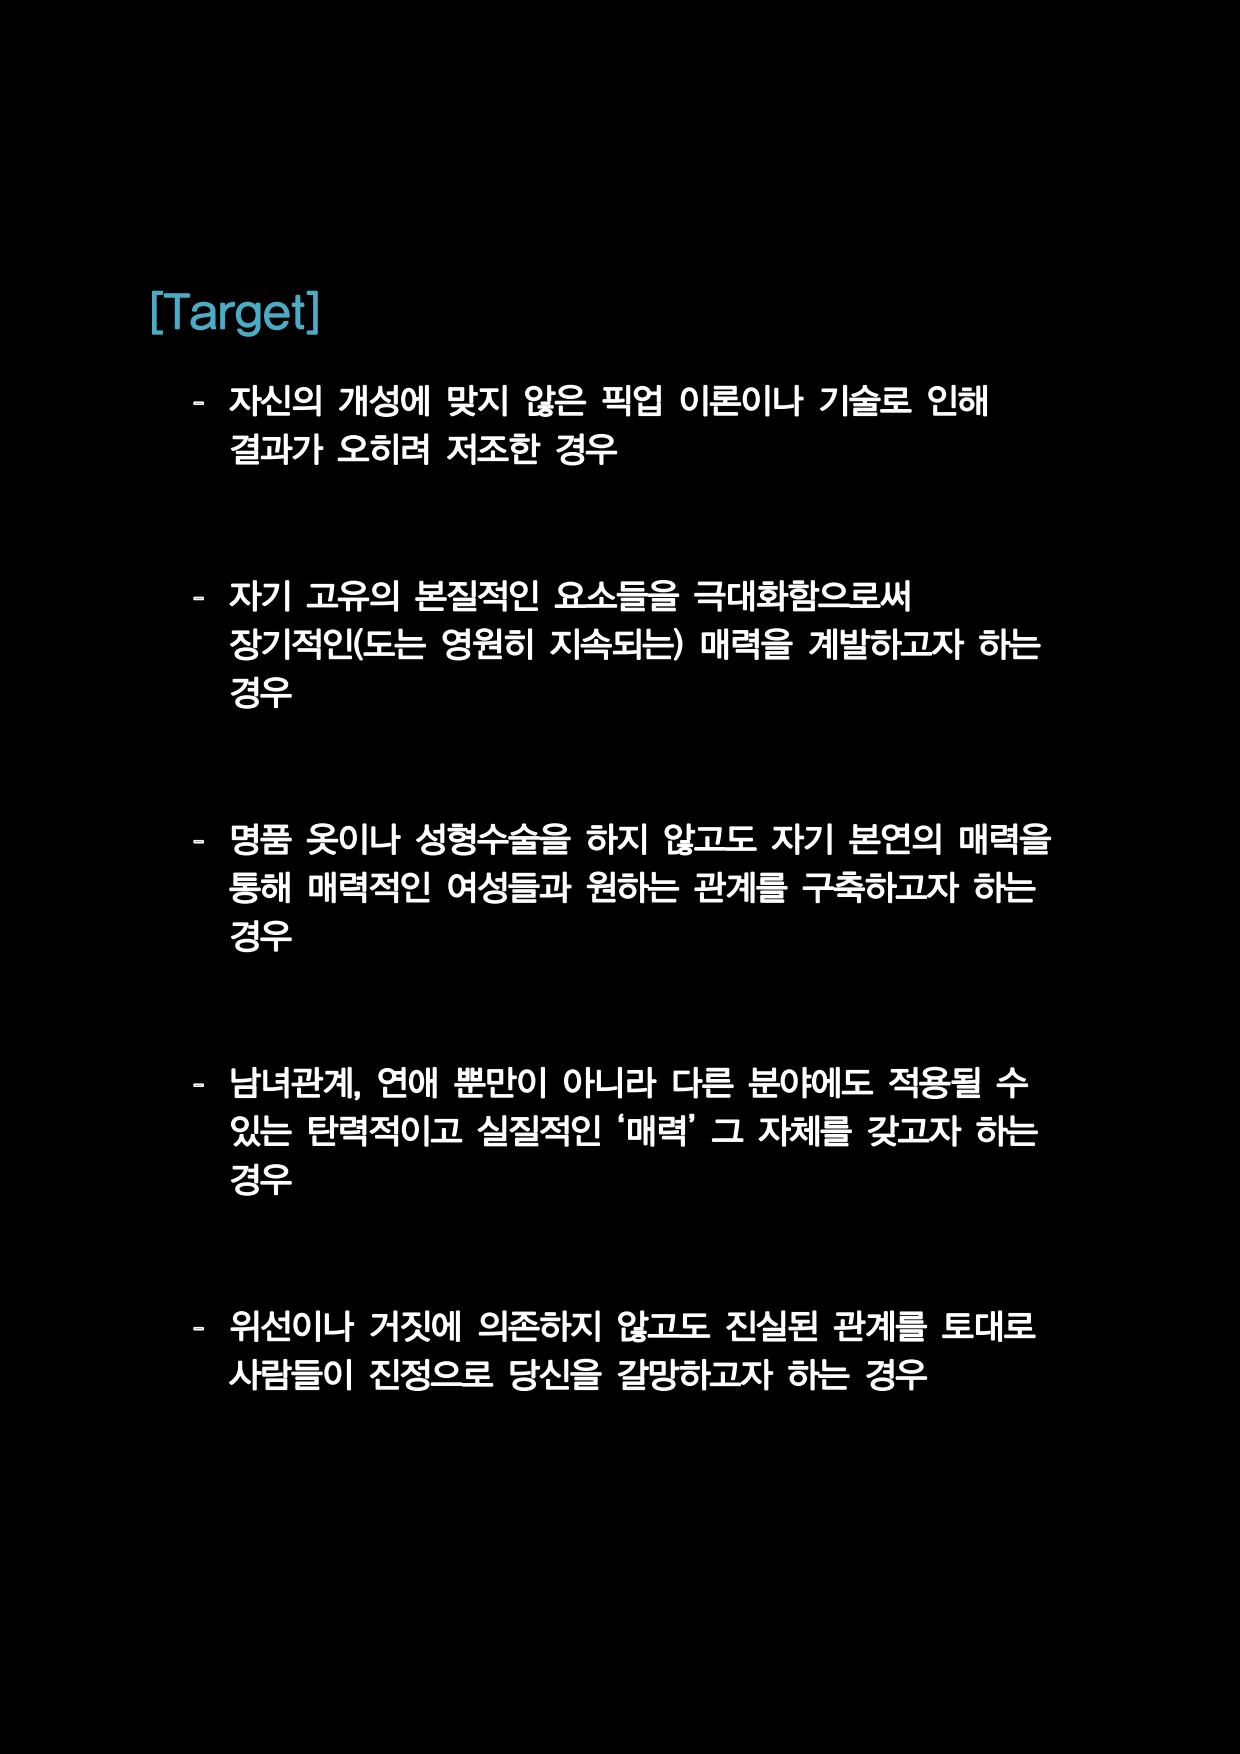 본 머티리어 1회차 홍보글 v3(수강후기 따로 편집요함)_08.png